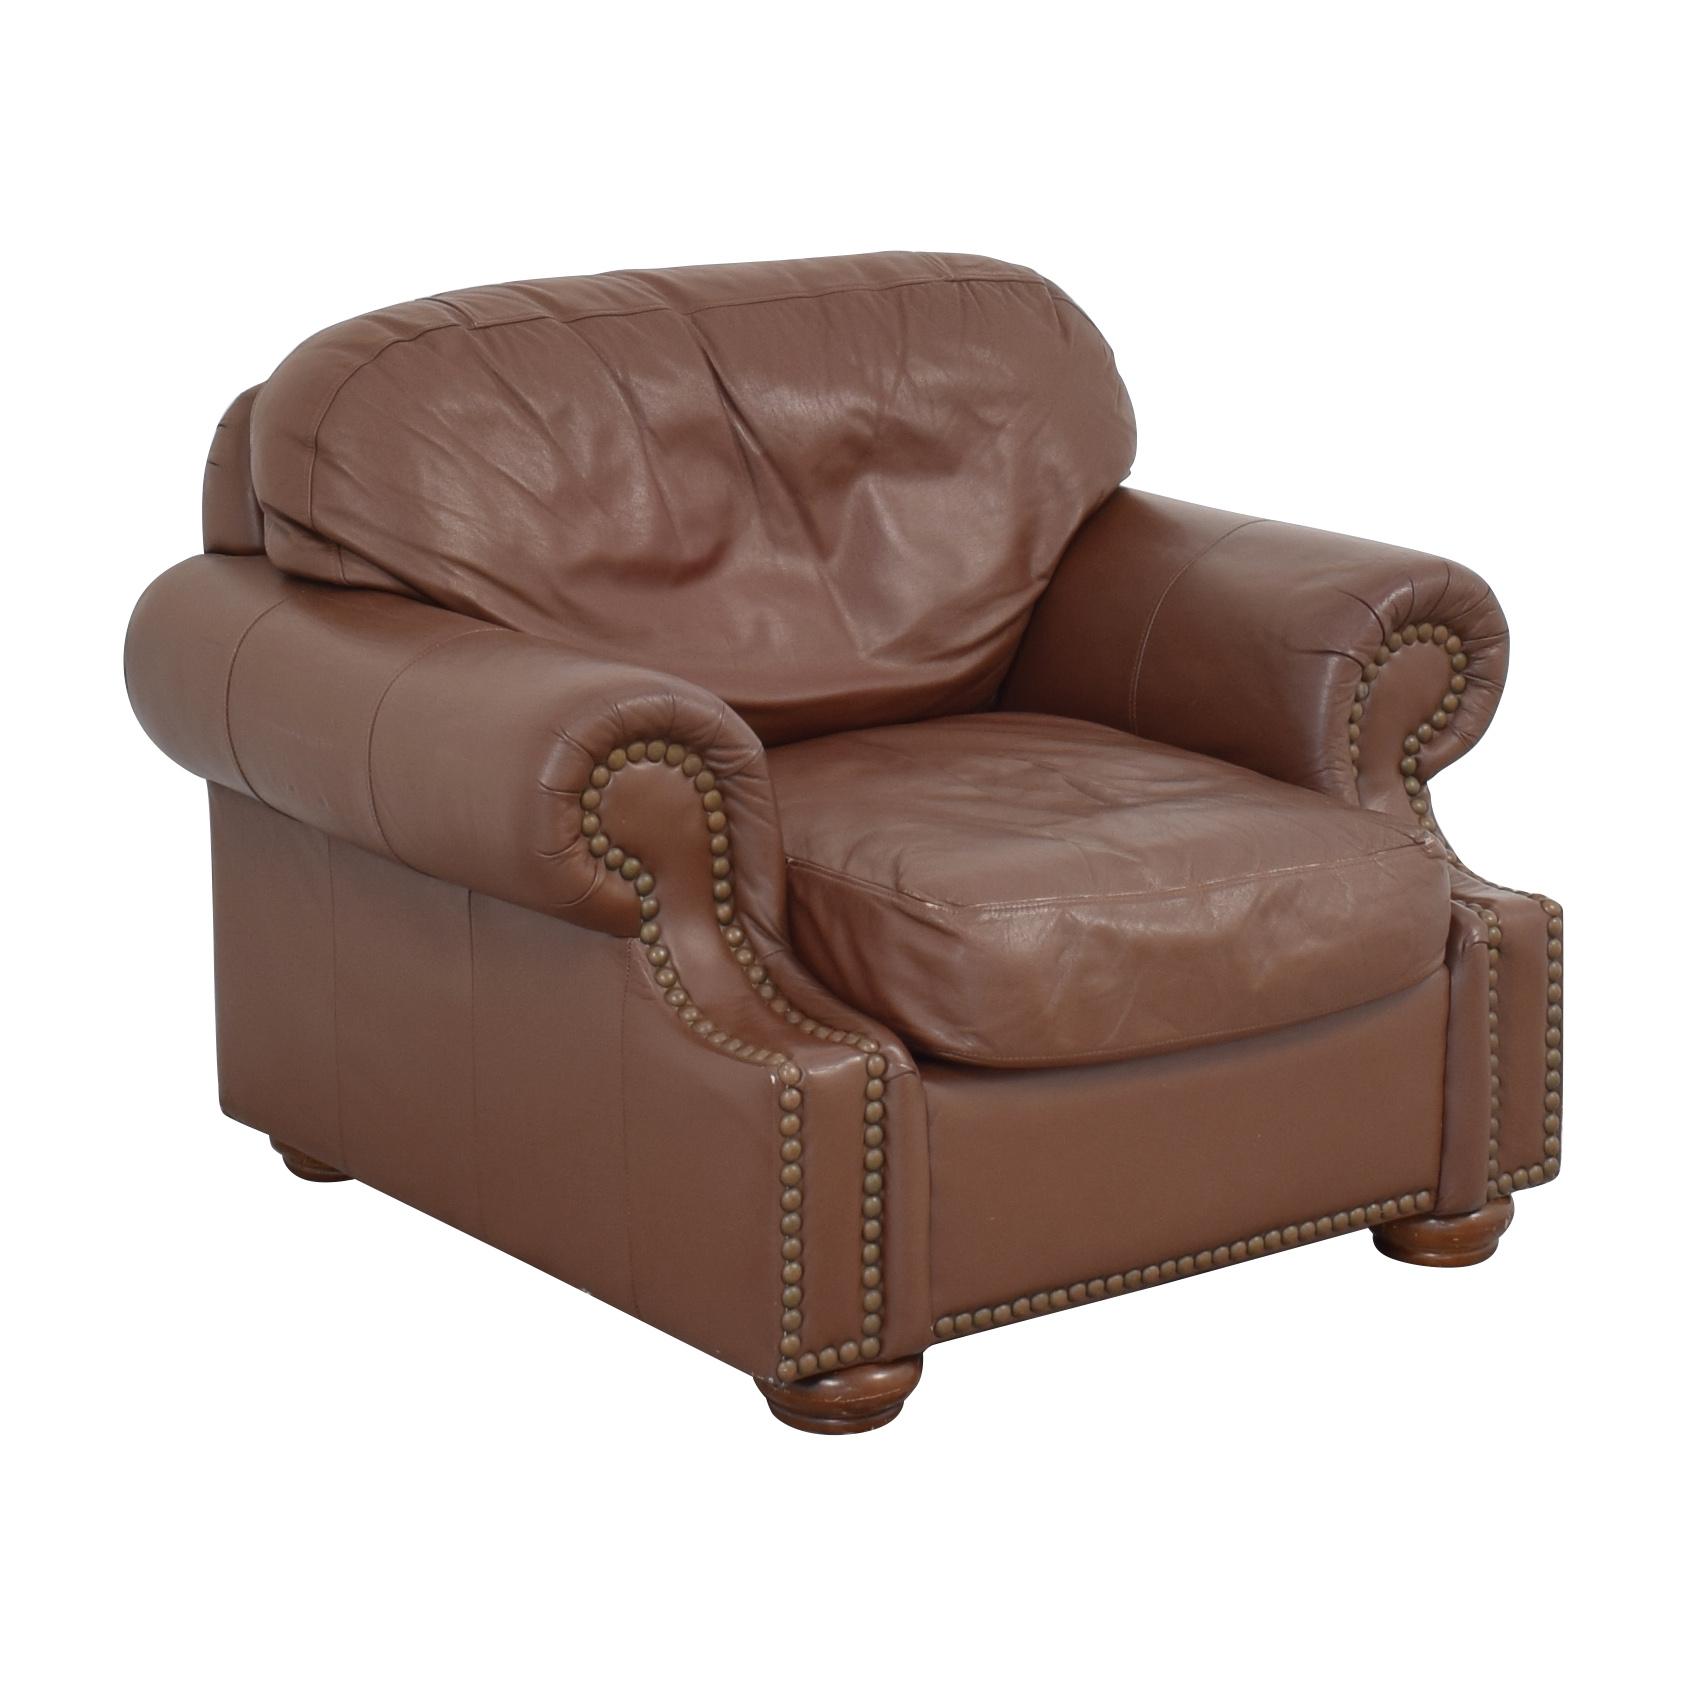 Arhaus Arhaus Nailhead Trim Club Chair Accent Chairs